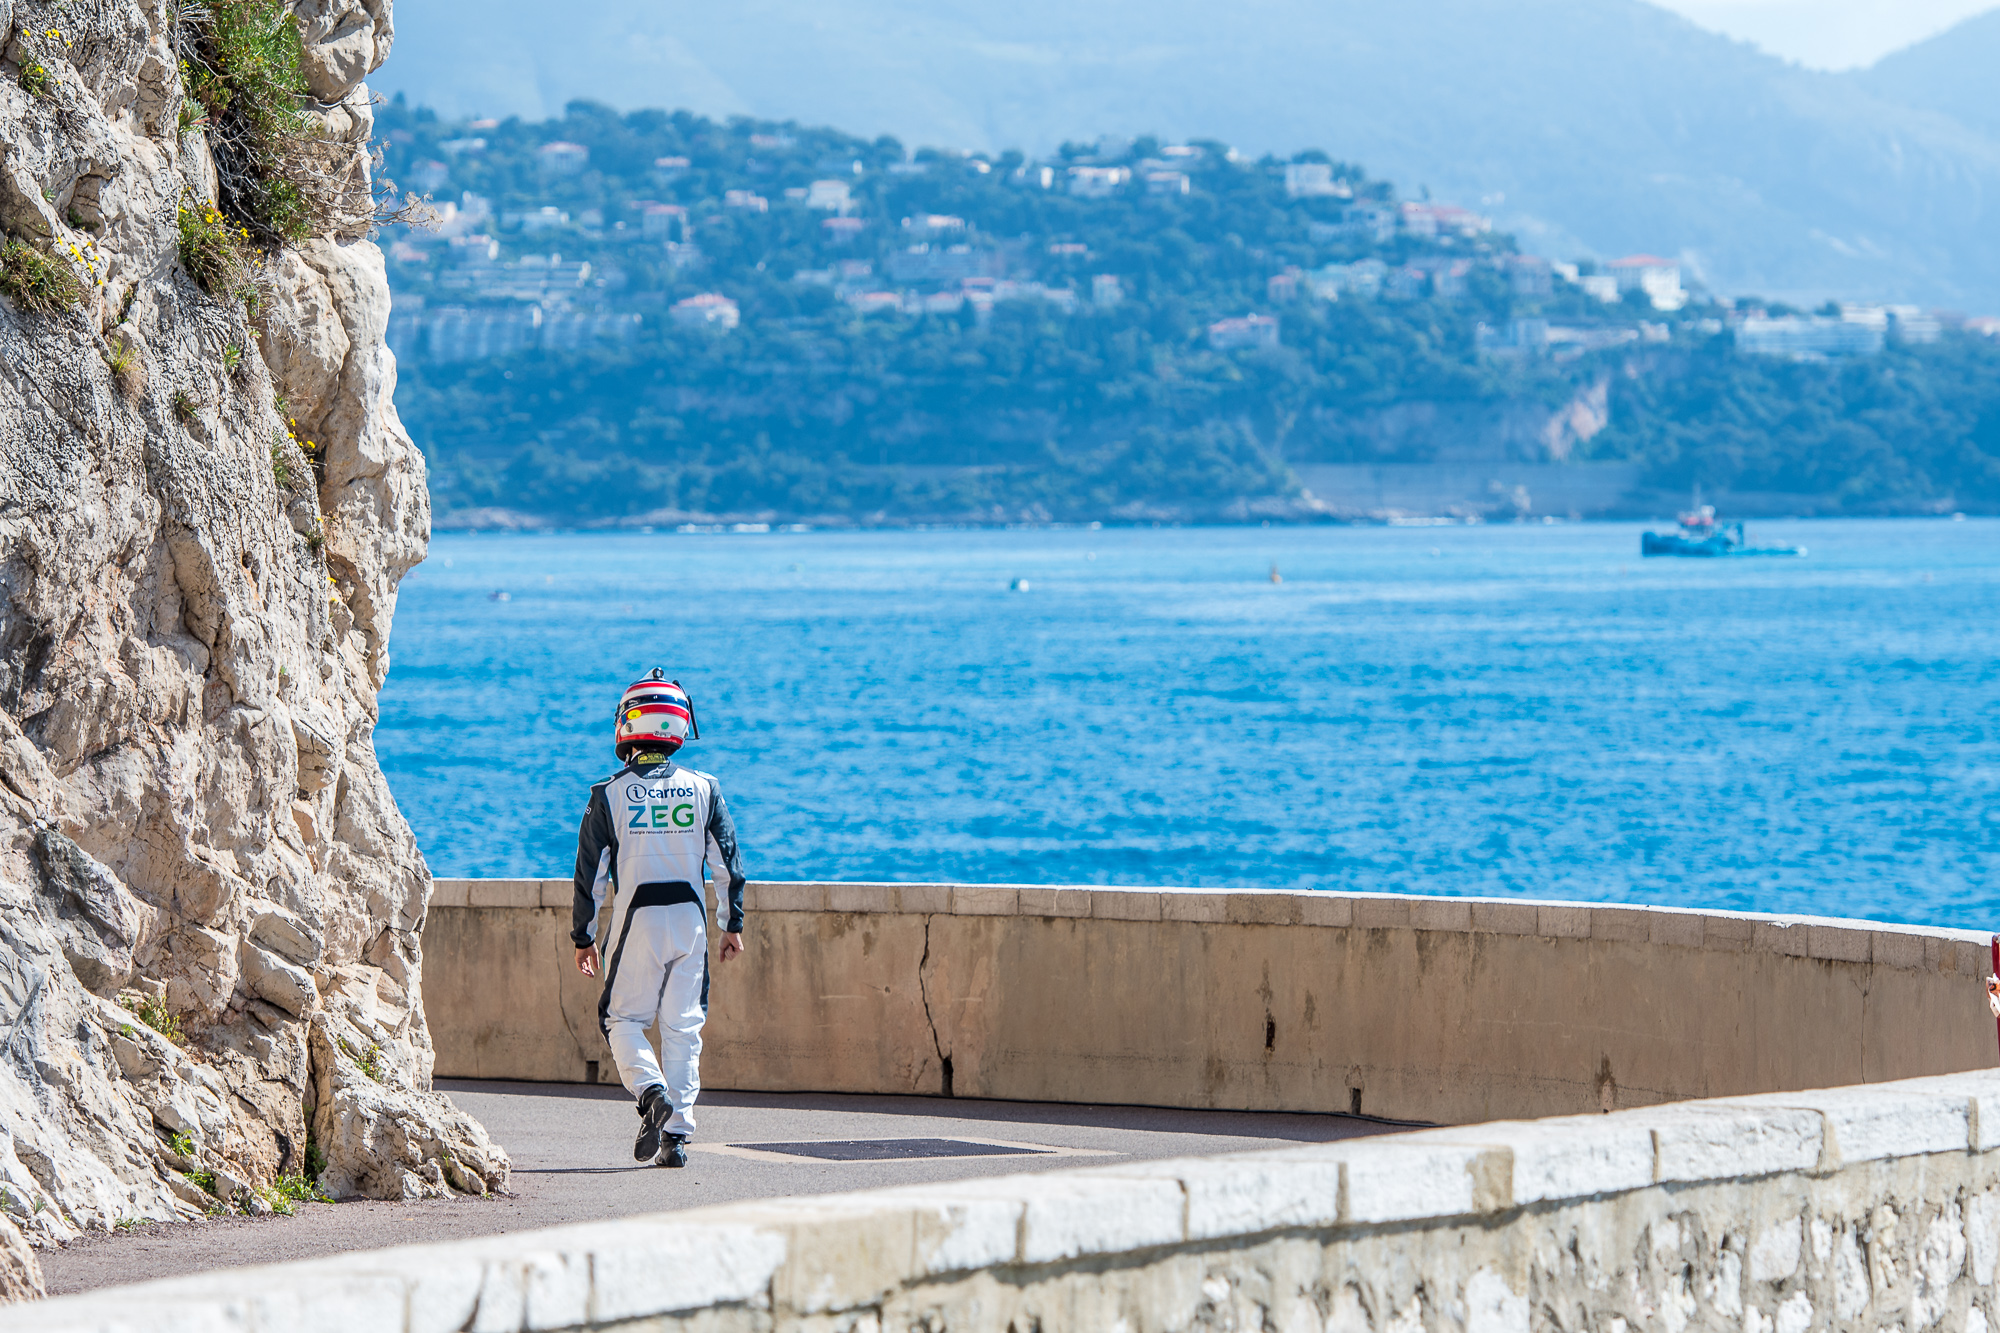 Jaguar_7.Monaco_josemariodias_01033